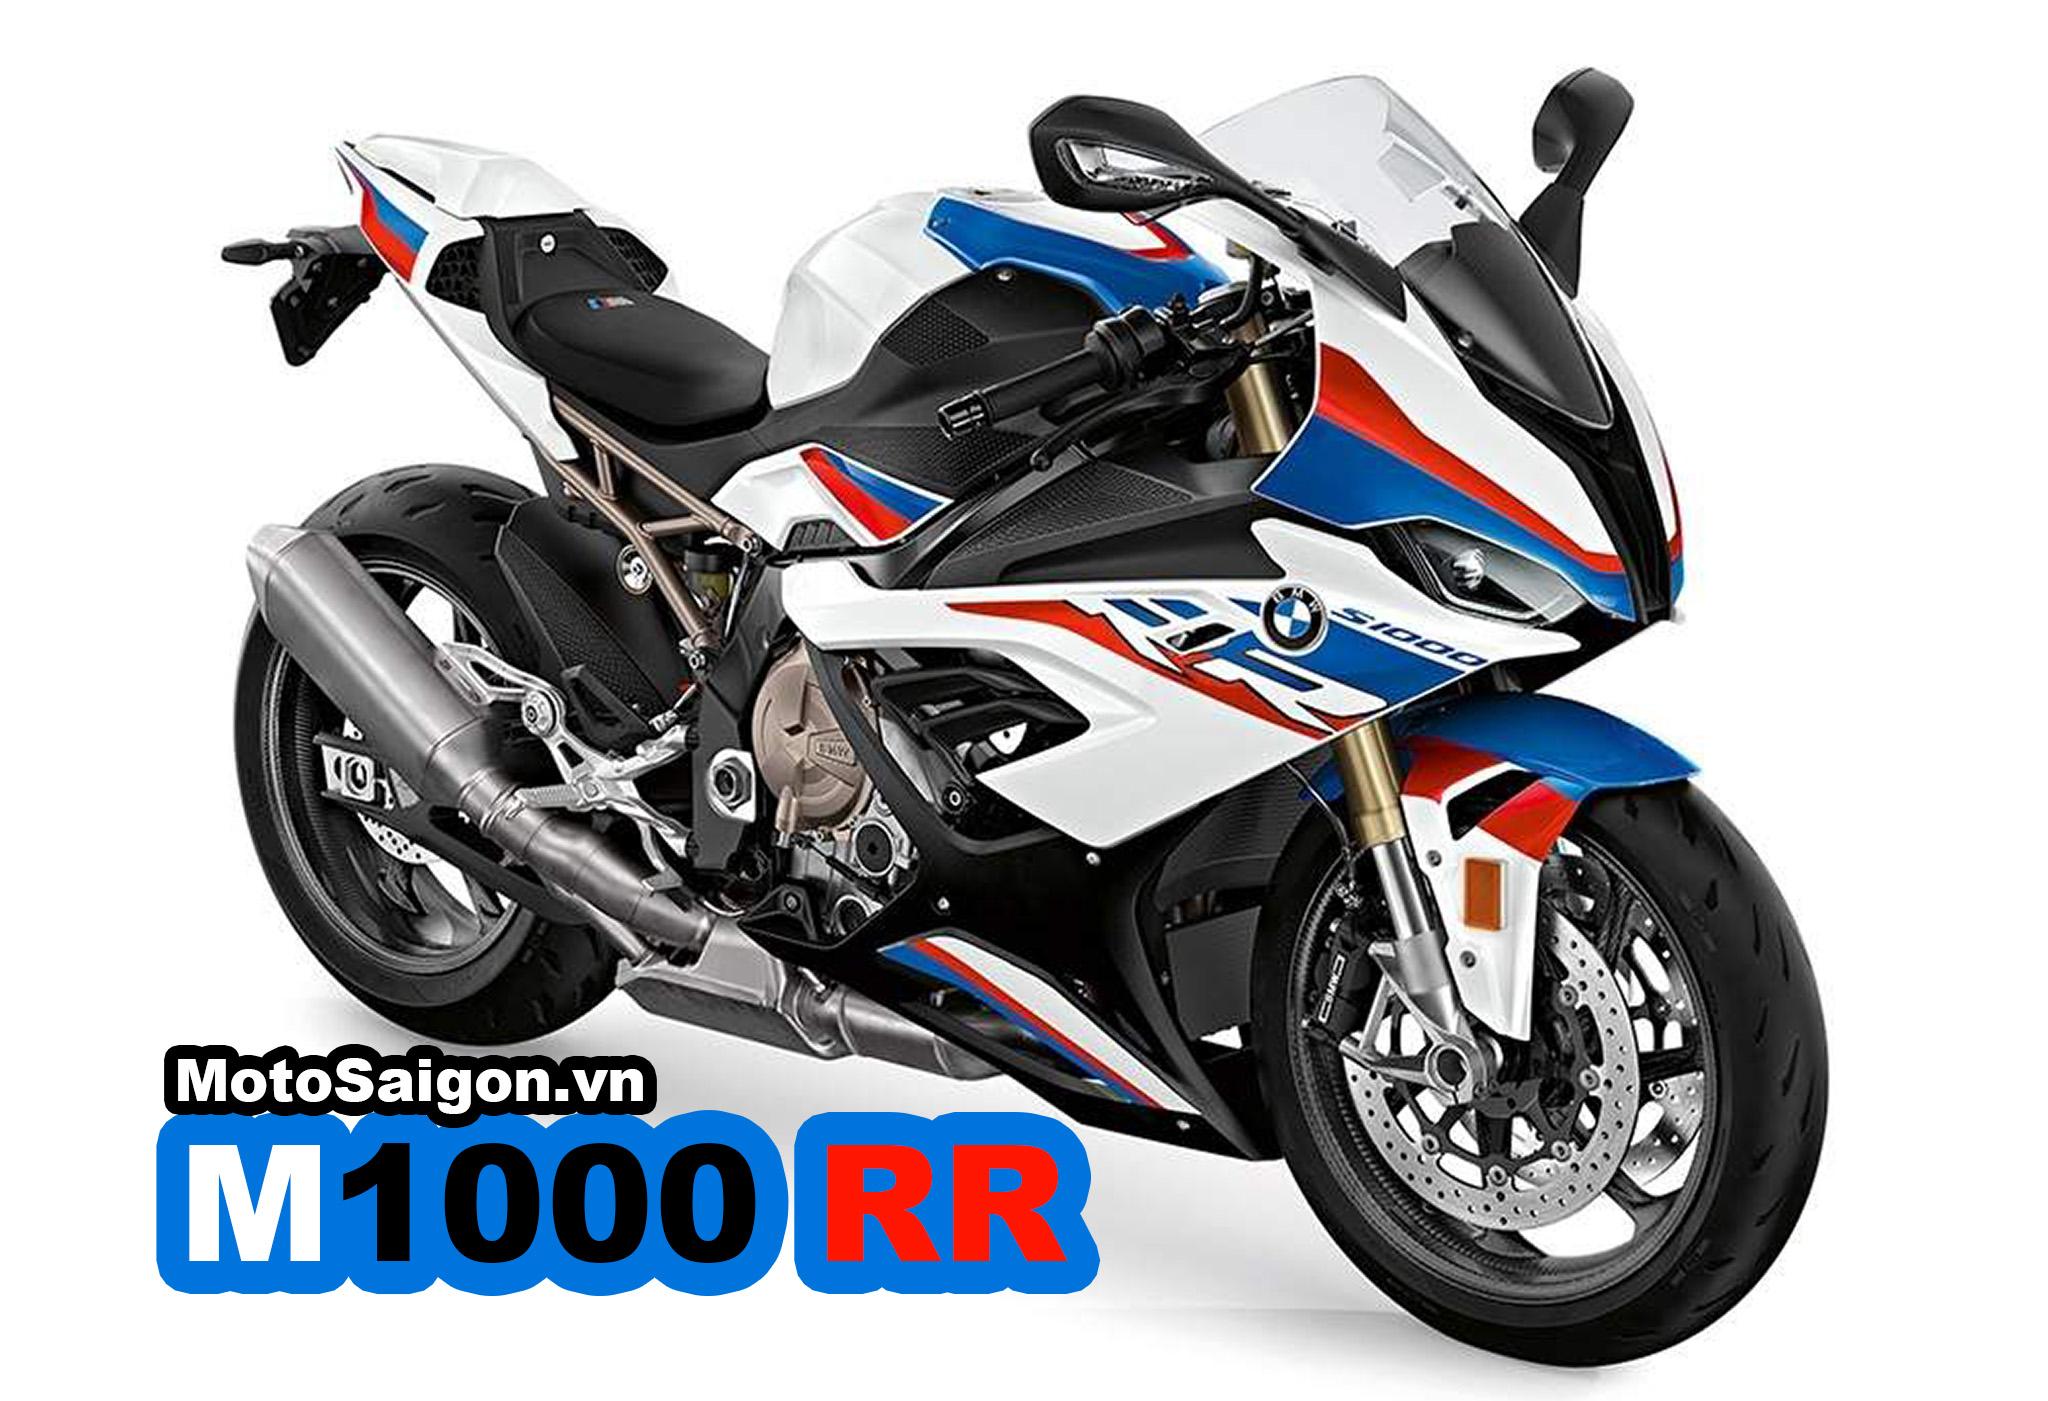 """BMW sắp ra mắt dòng """"M"""" cao cấp: M1000 RR, M1000 XR, M1300 GS"""